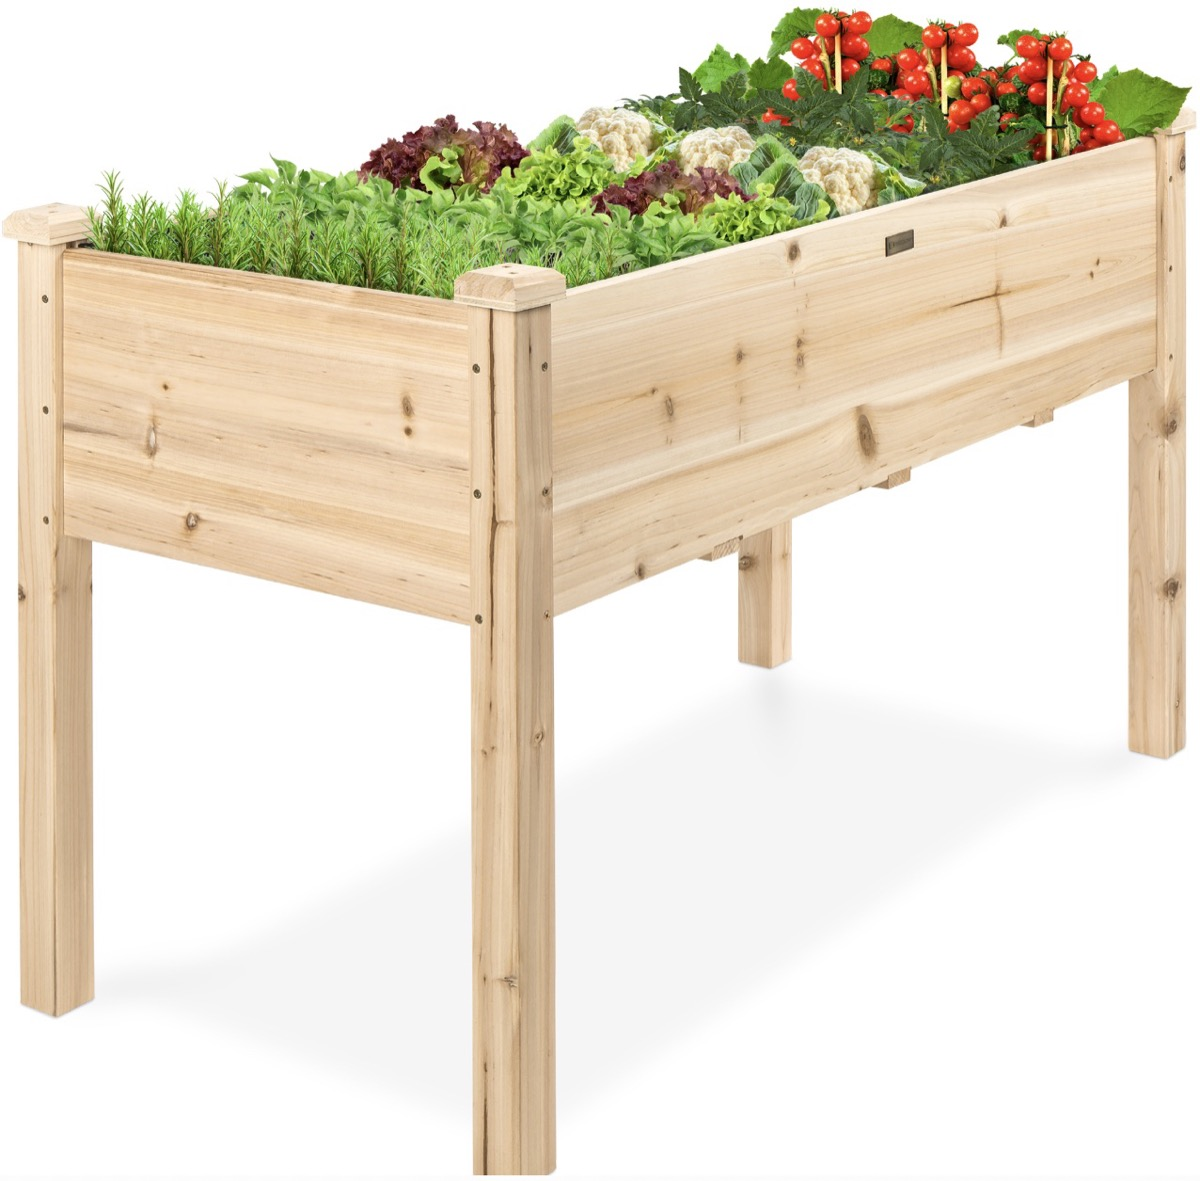 unpainted wood raised planter